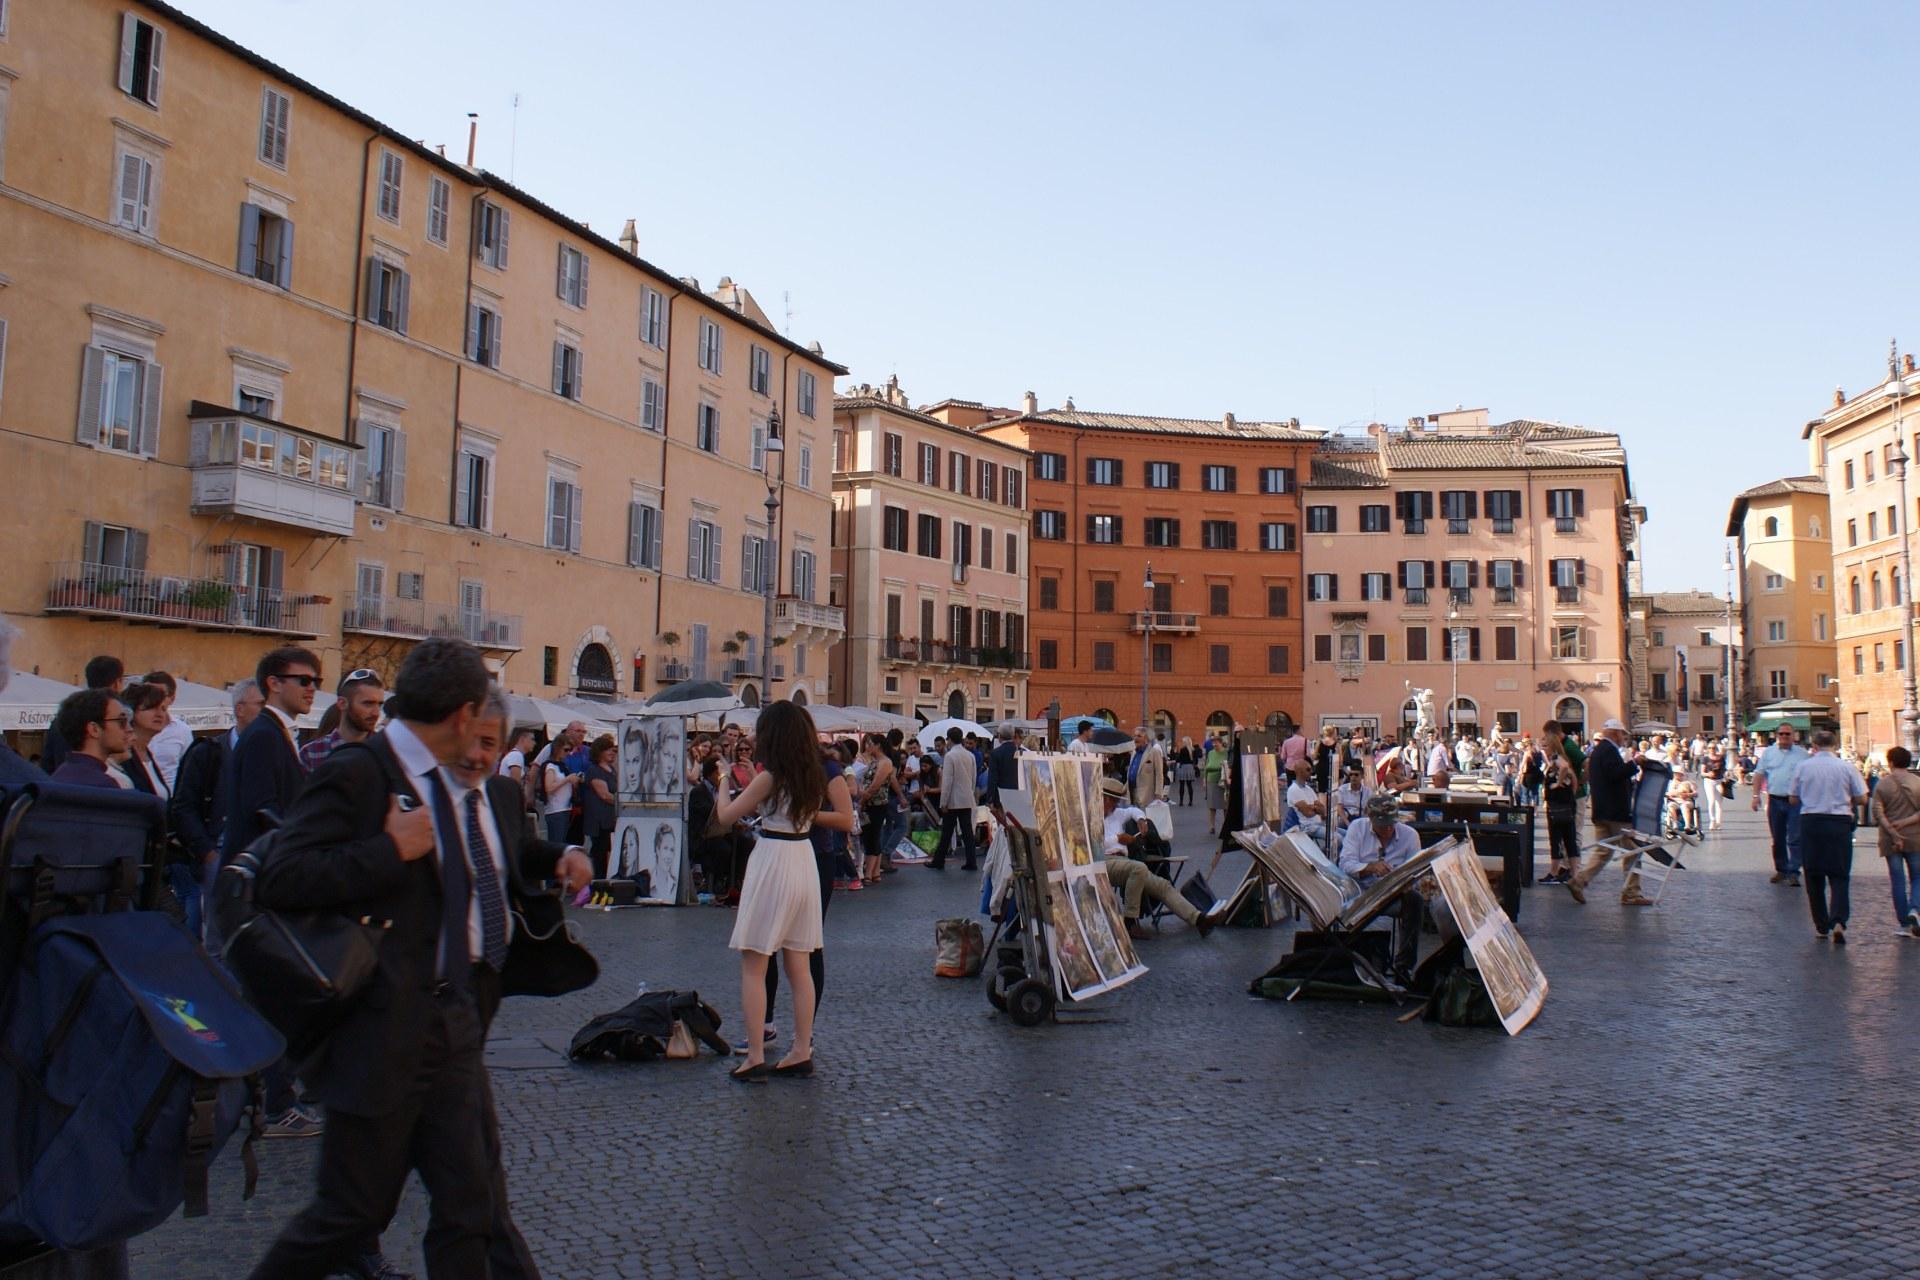 Images - Stald - Rome Printemps 2016 - 04:06 - 35